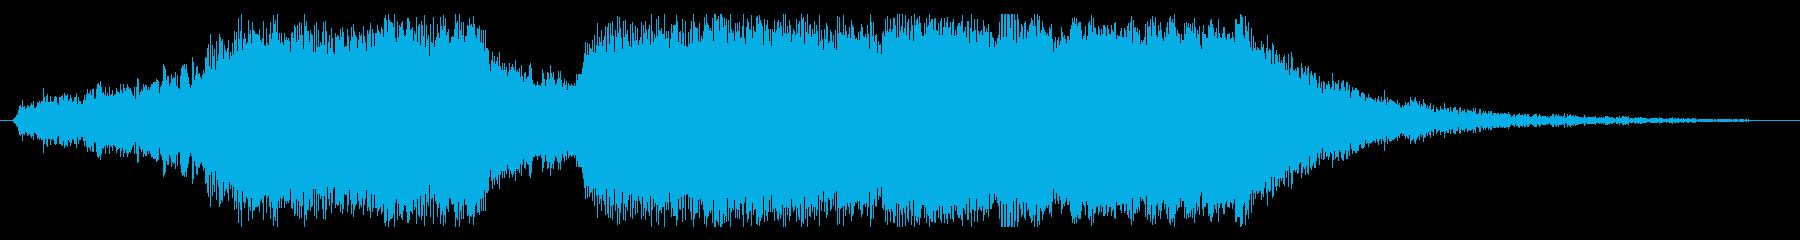 華やかなファンファーレの場面切り替えの再生済みの波形